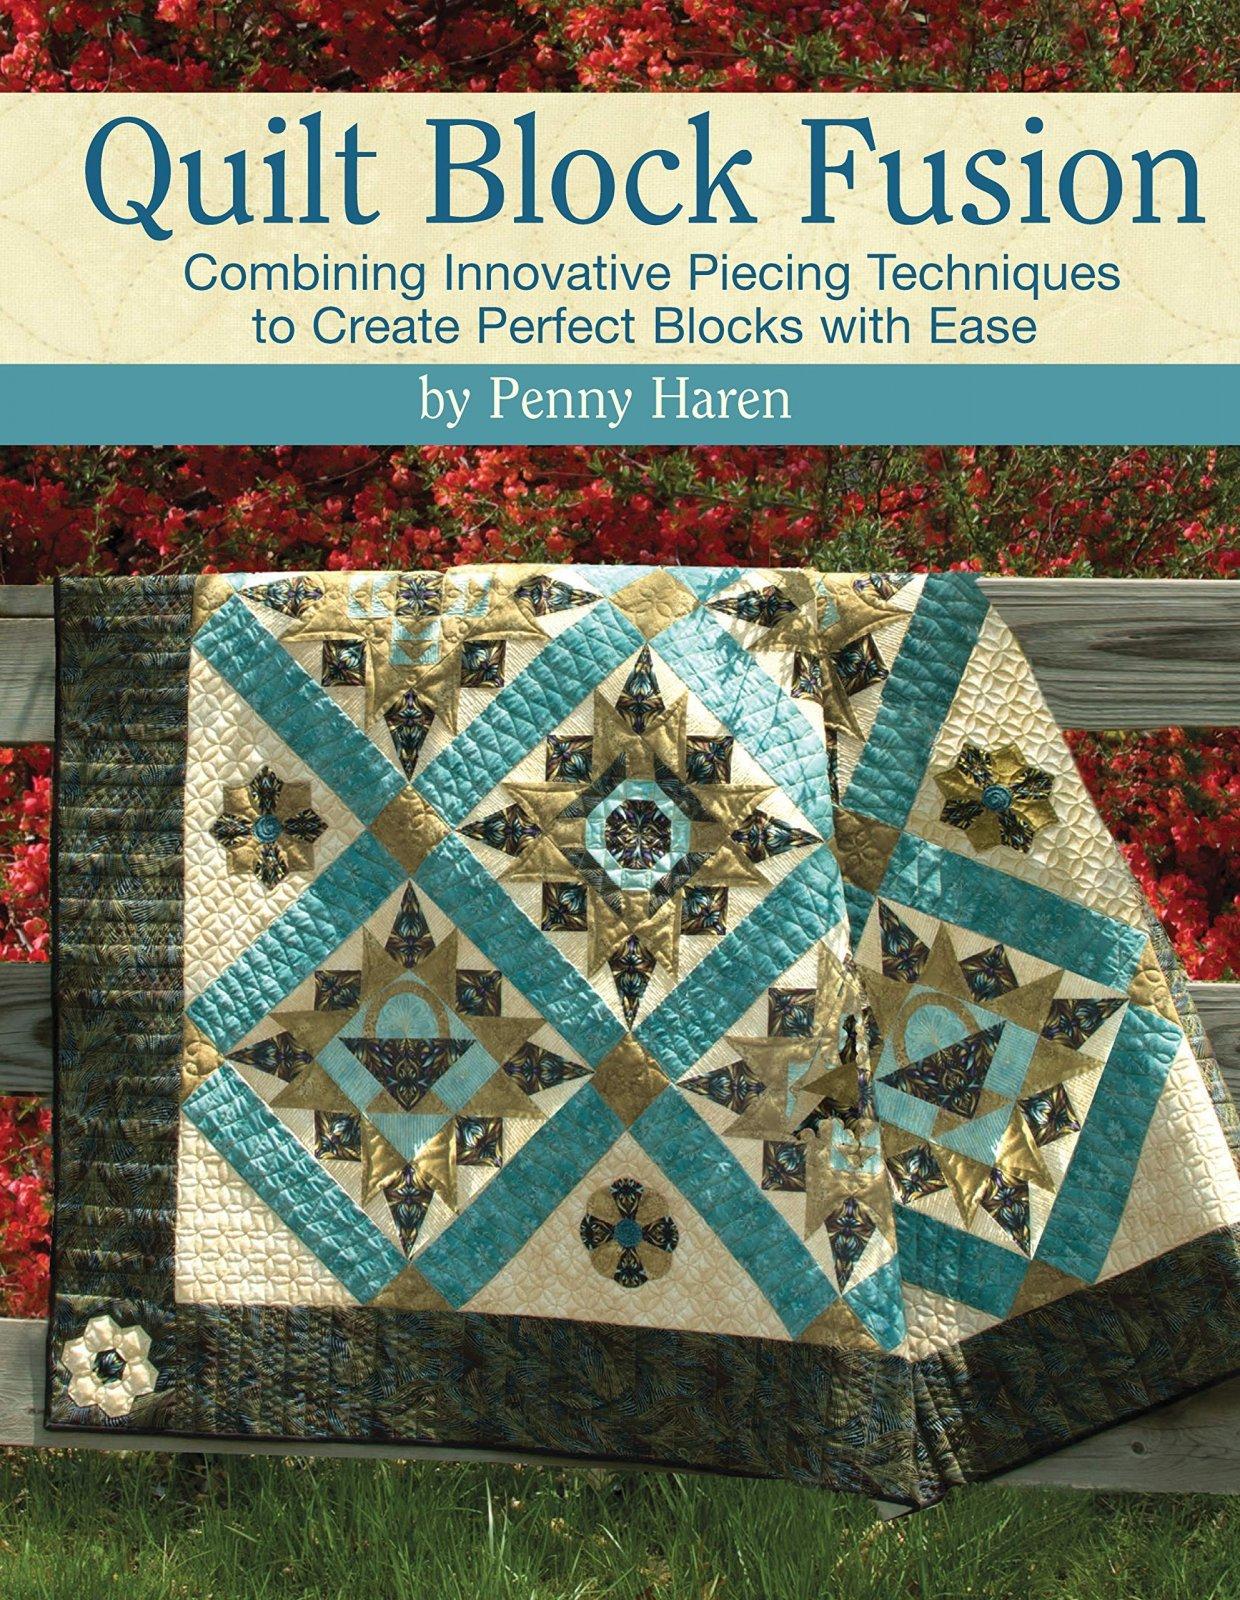 Quilt Block Fusion